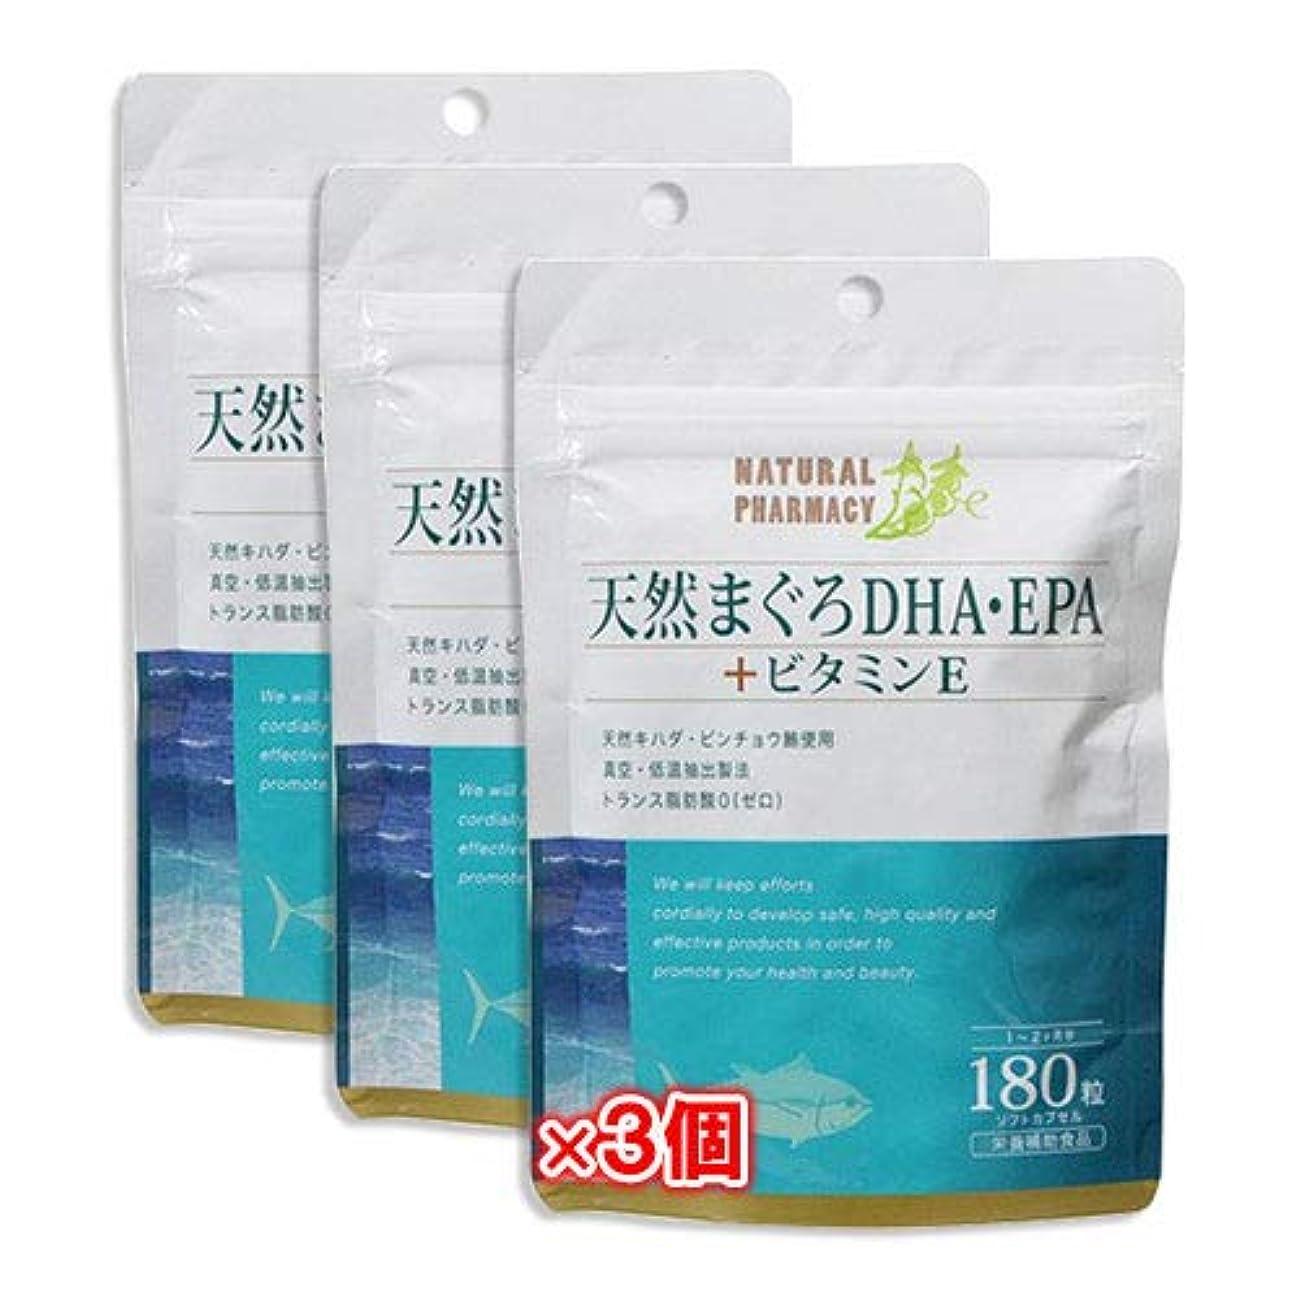 中国フェミニンオアシス天然まぐろDHA?EPA+ビタミンE 180粒 ×3個セット【すみや】